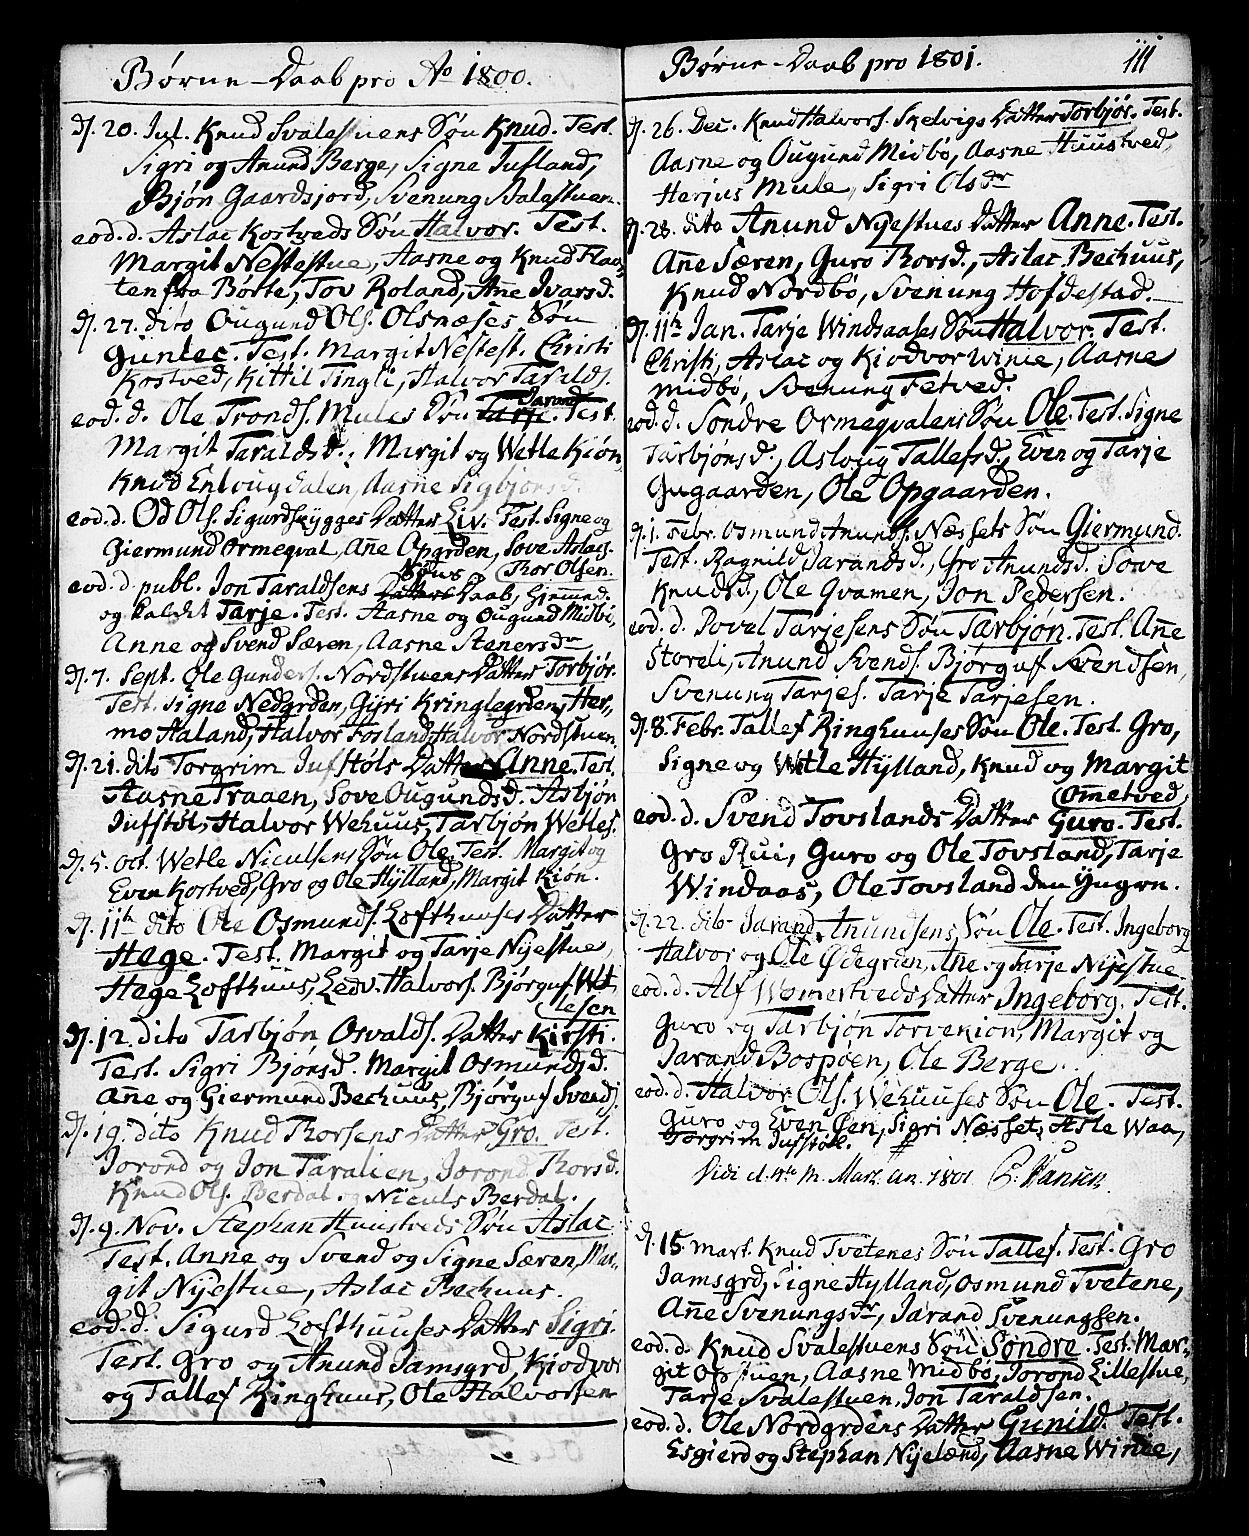 SAKO, Vinje kirkebøker, F/Fa/L0002: Ministerialbok nr. I 2, 1767-1814, s. 111